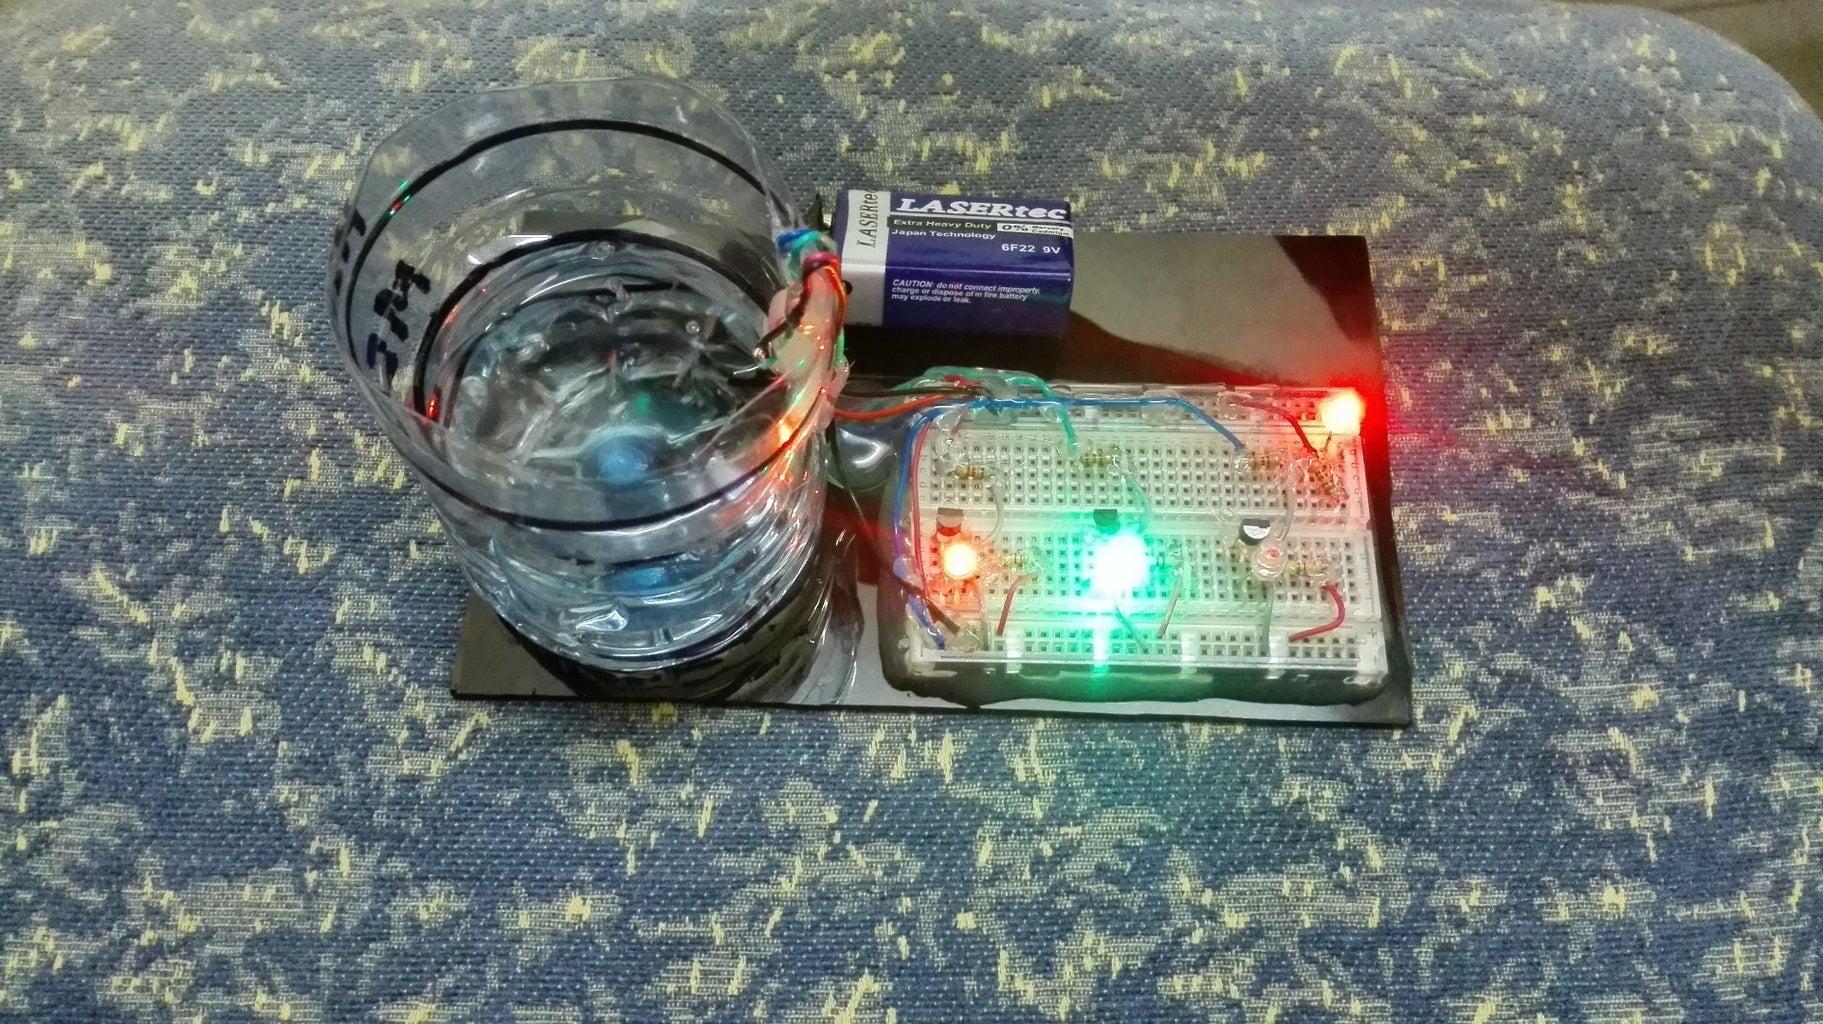 Water Medium Level Indication (Green LED)